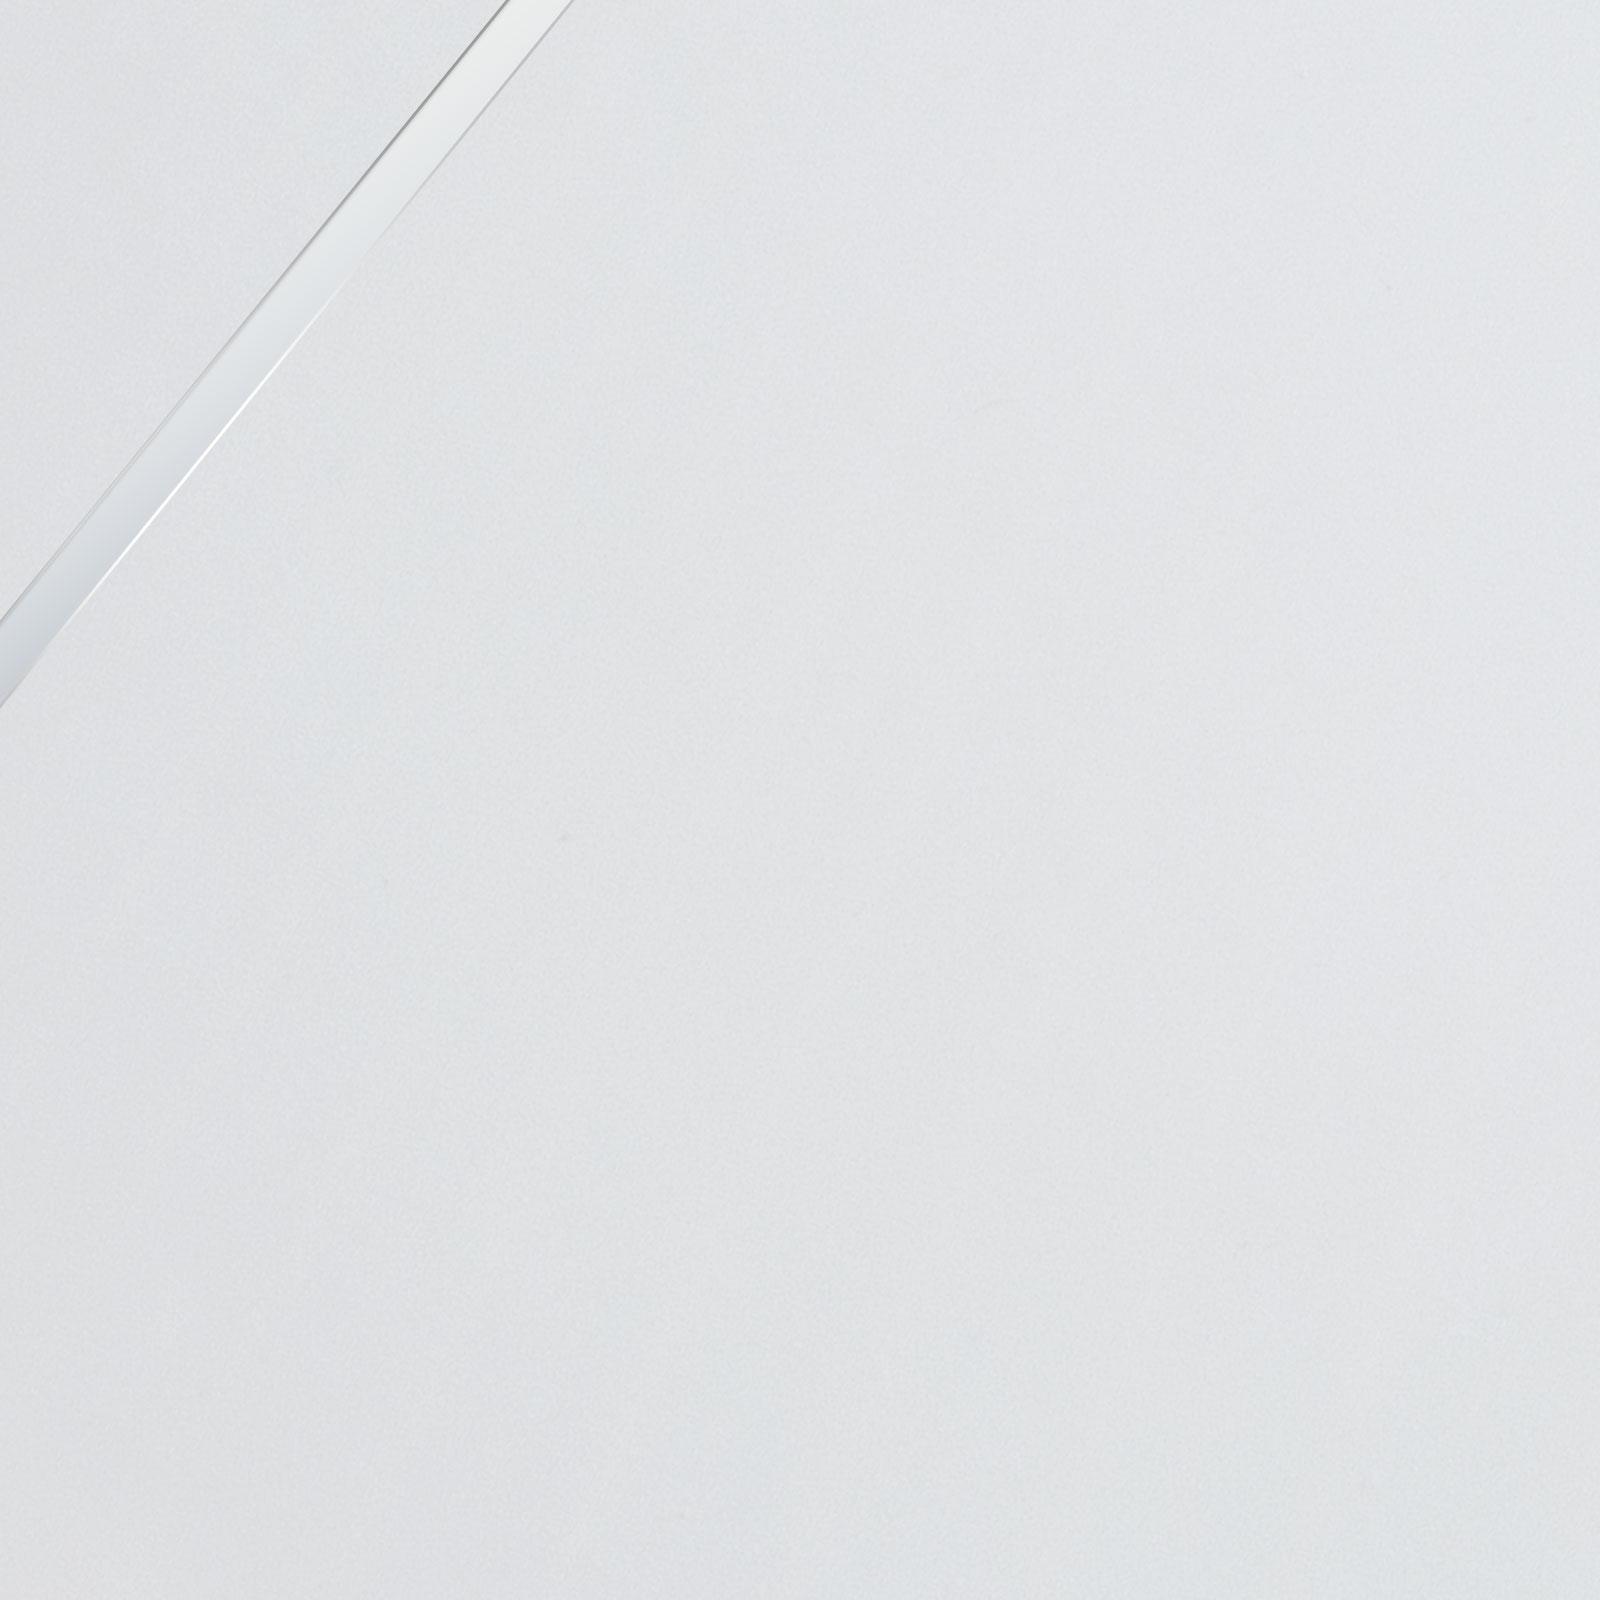 TITAN Decor Panel Tileline 250